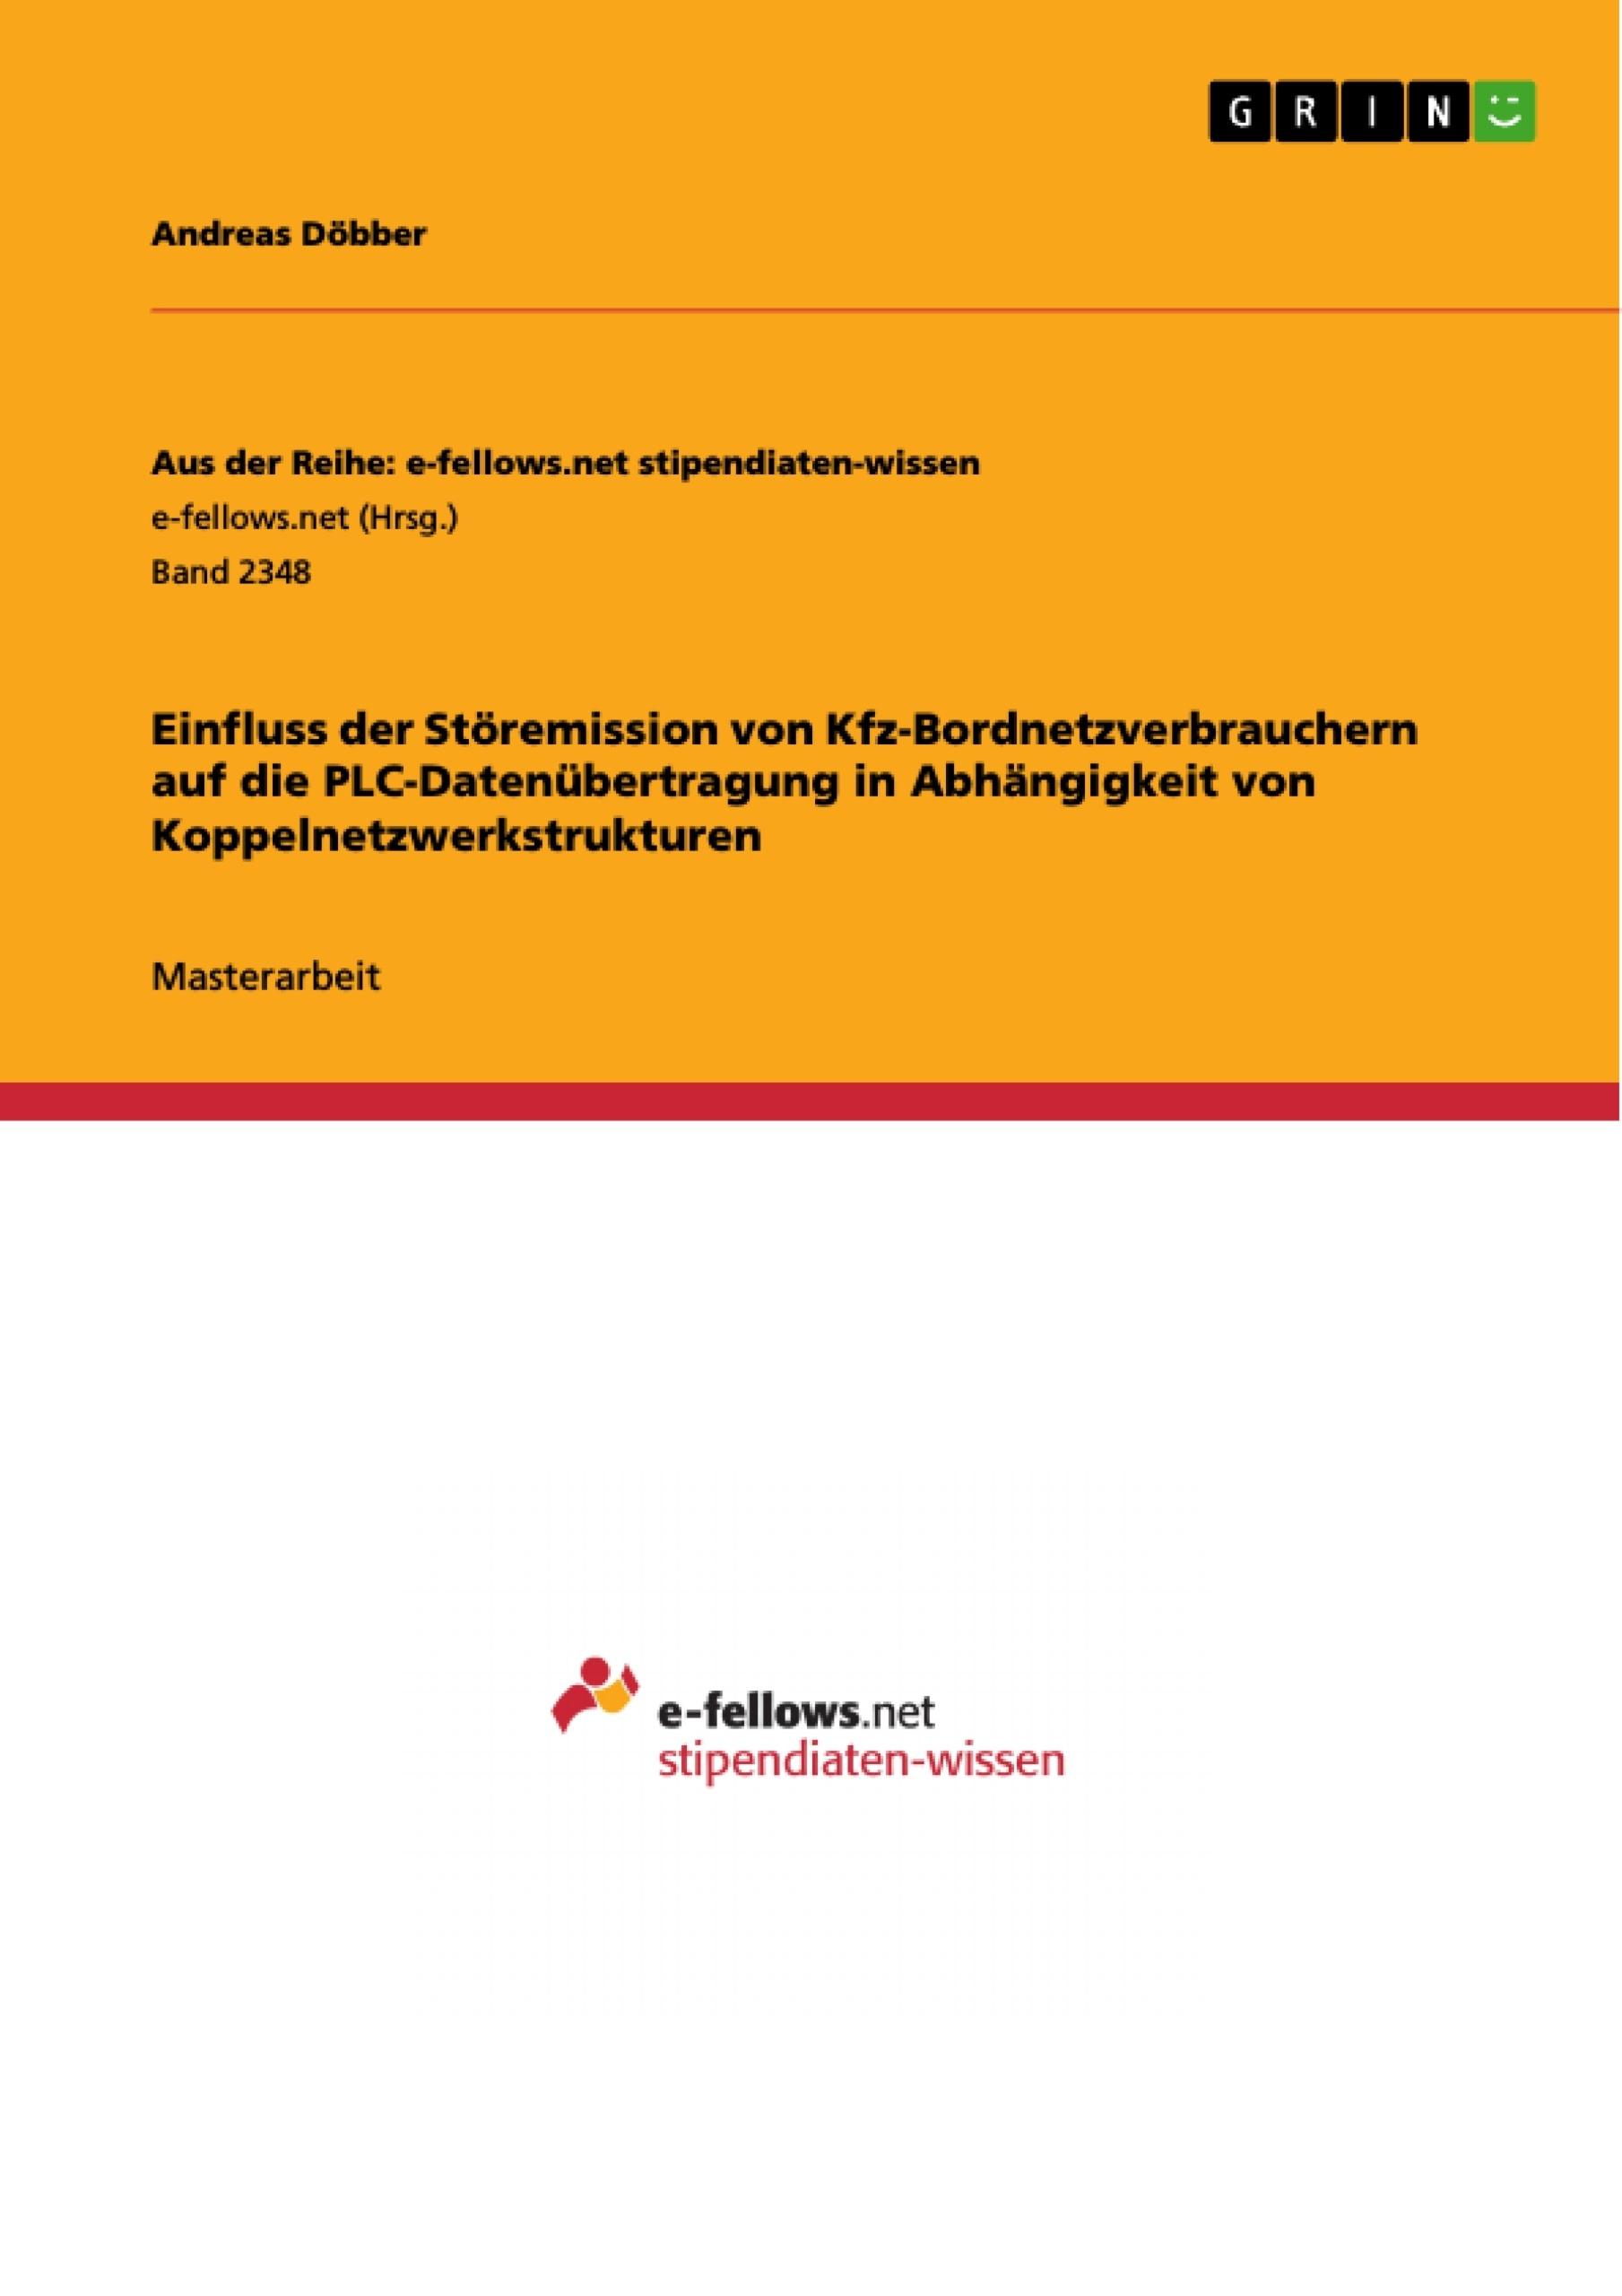 Titel: Einfluss der Störemission von Kfz-Bordnetzverbrauchern auf die PLC-Datenübertragung in Abhängigkeit von Koppelnetzwerkstrukturen